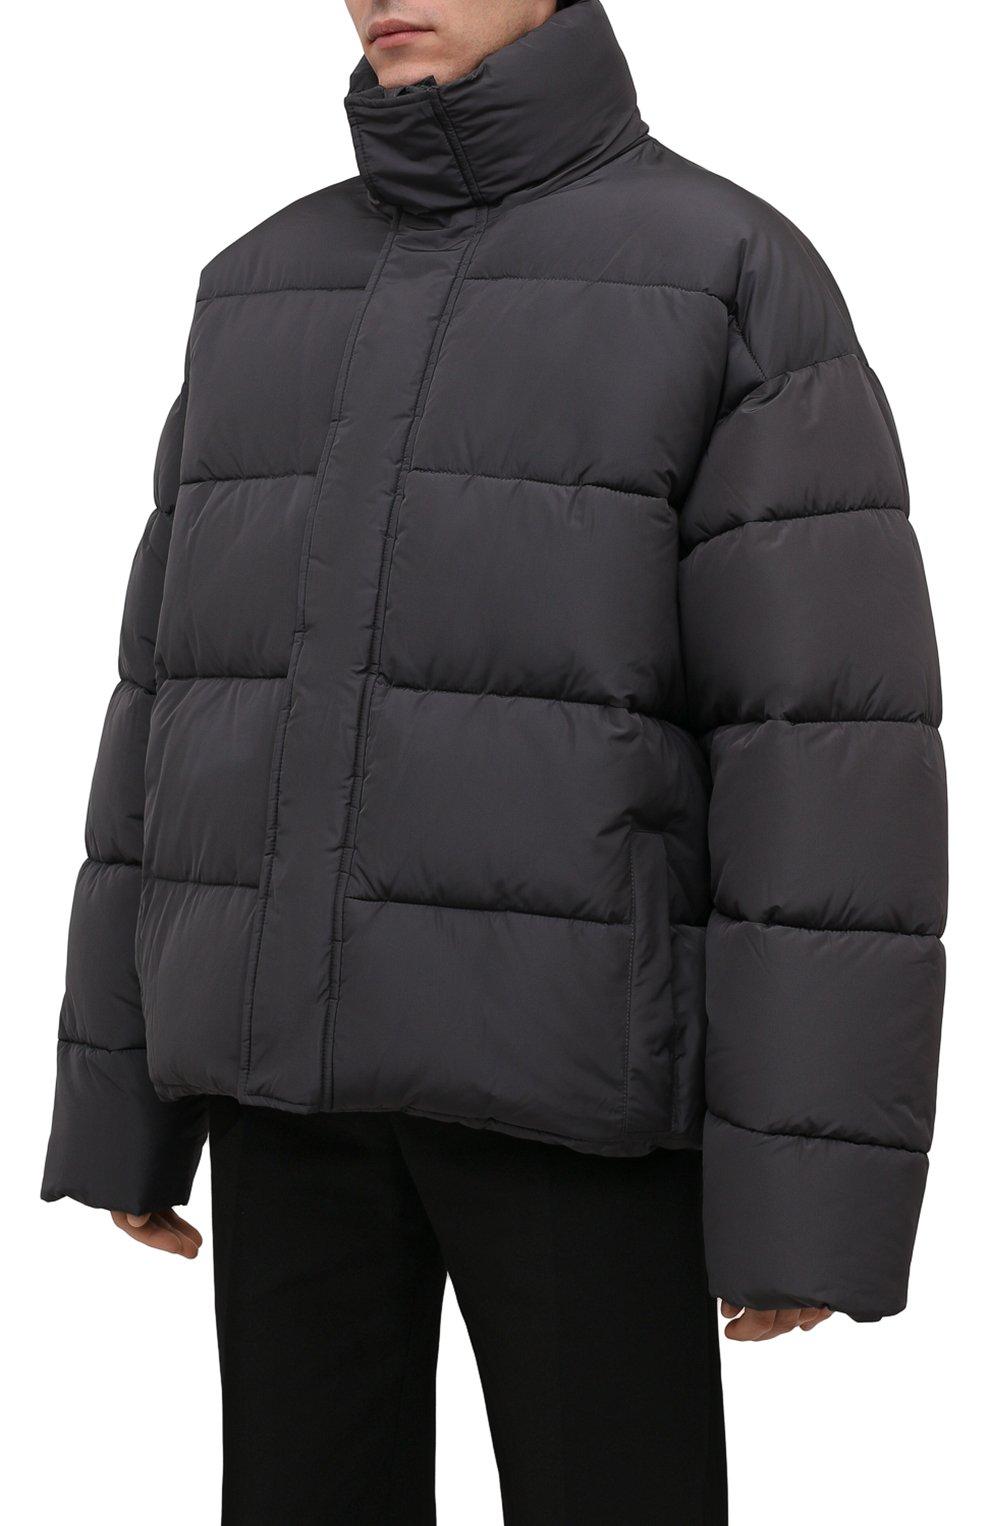 Мужская утепленная куртка BALENCIAGA серого цвета, арт. 642228/TYD36   Фото 3 (Кросс-КТ: Куртка; Мужское Кросс-КТ: пуховик-короткий; Рукава: Длинные; Материал внешний: Синтетический материал, Вискоза; Материал подклада: Синтетический материал; Длина (верхняя одежда): Короткие; Стили: Минимализм)